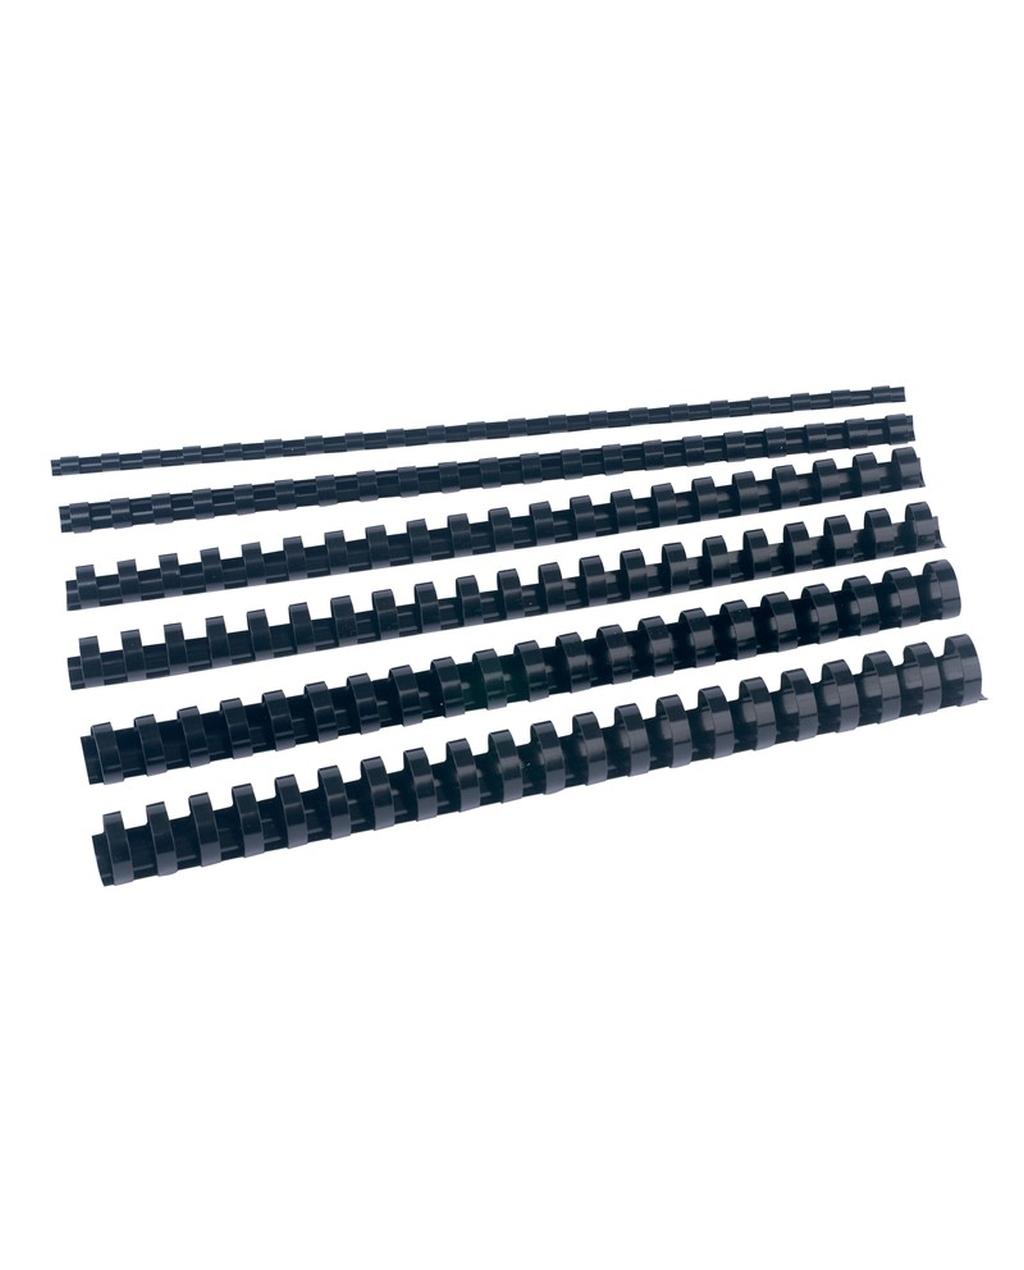 A4, 14mm Black Plastic Combs